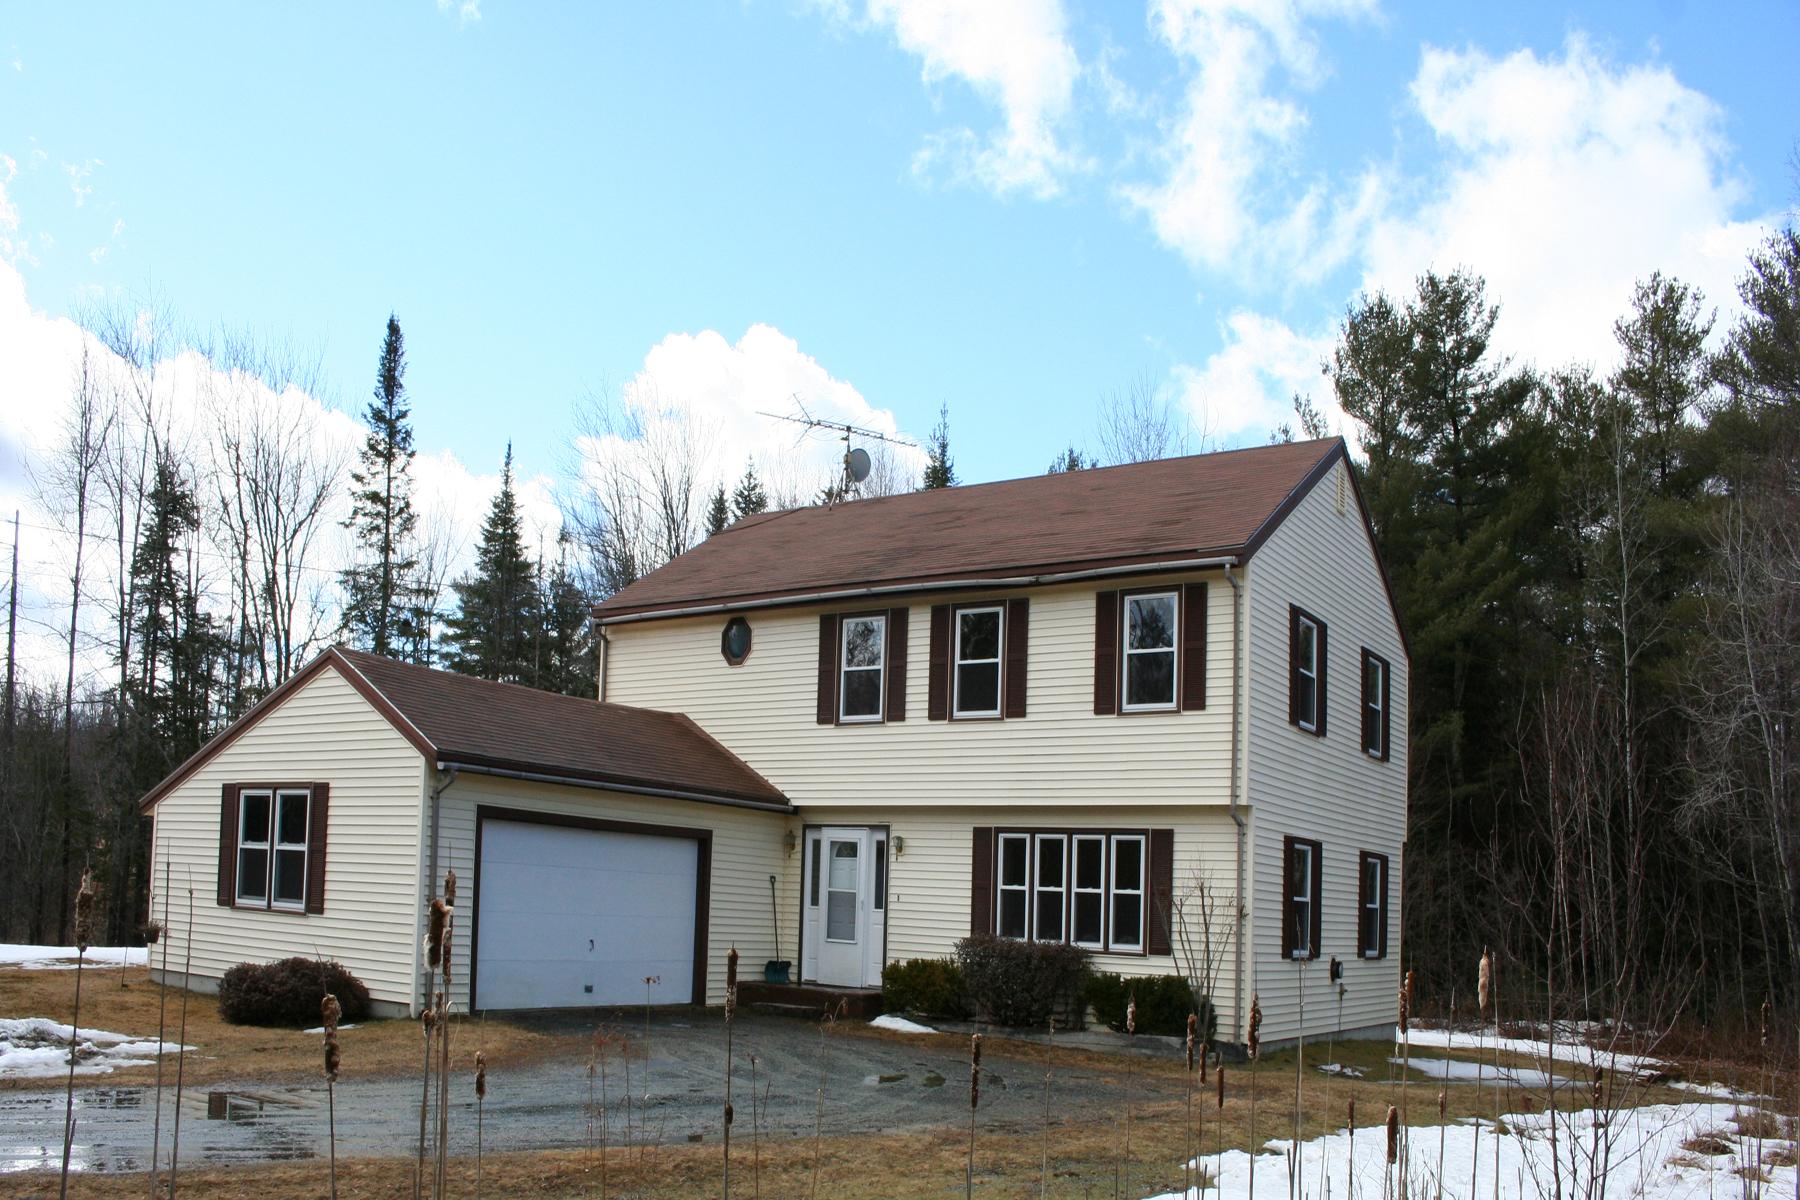 Casa Unifamiliar por un Venta en 45 Old County Road South, Newbury Newbury, Nueva Hampshire, 03255 Estados Unidos